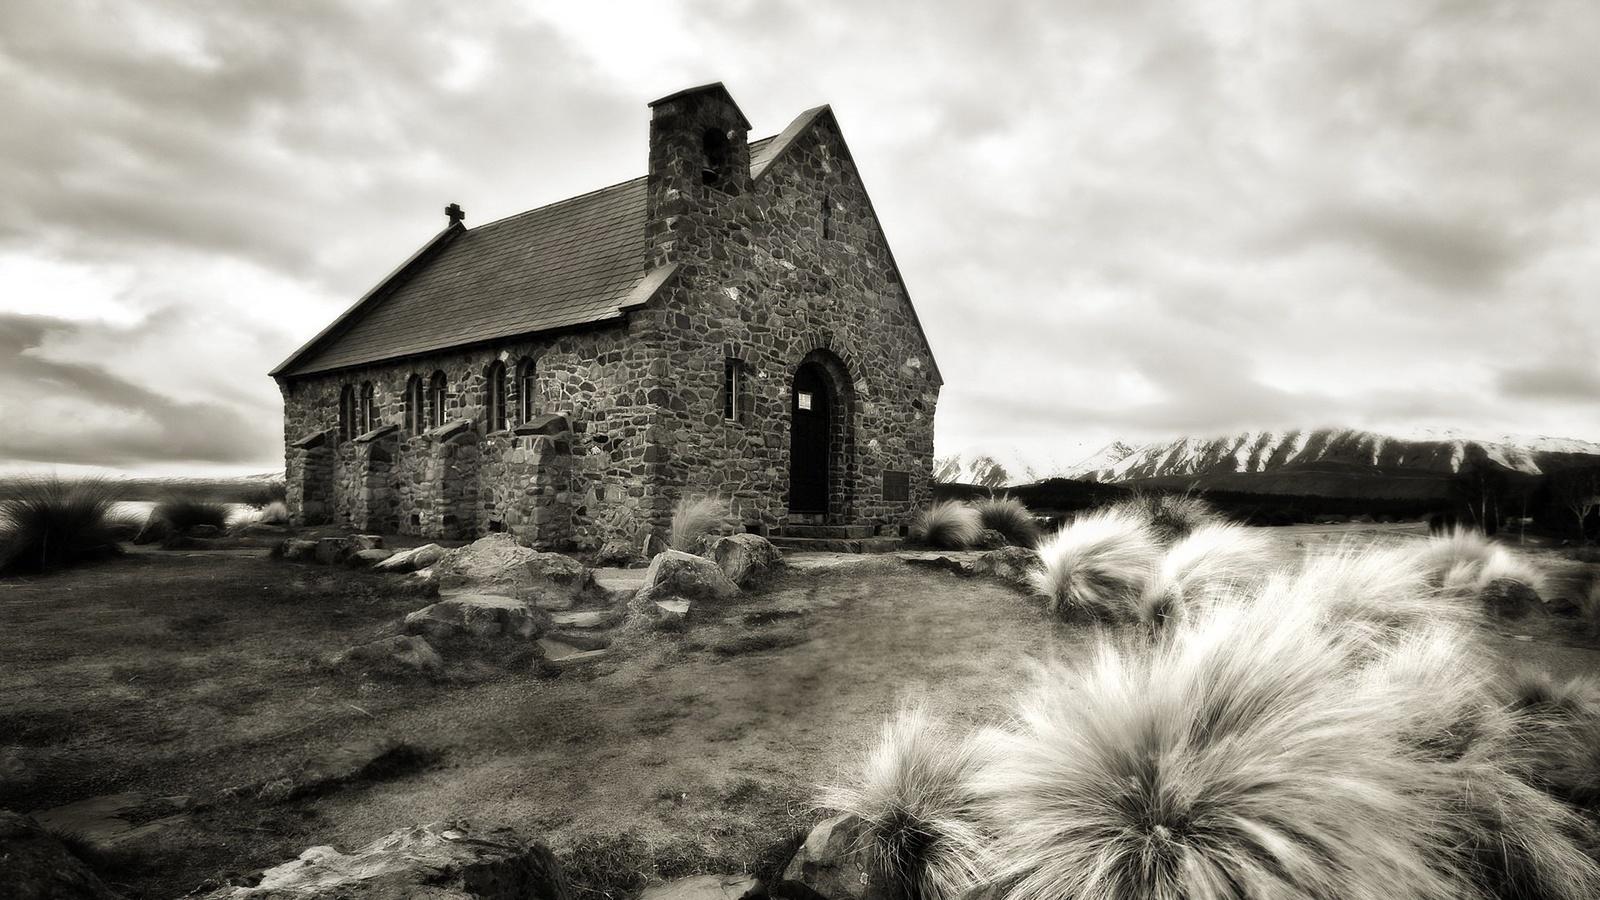 каменный домик, серые кустики, камушки ...: www.nastol.com.ua/download/5796/1600x900